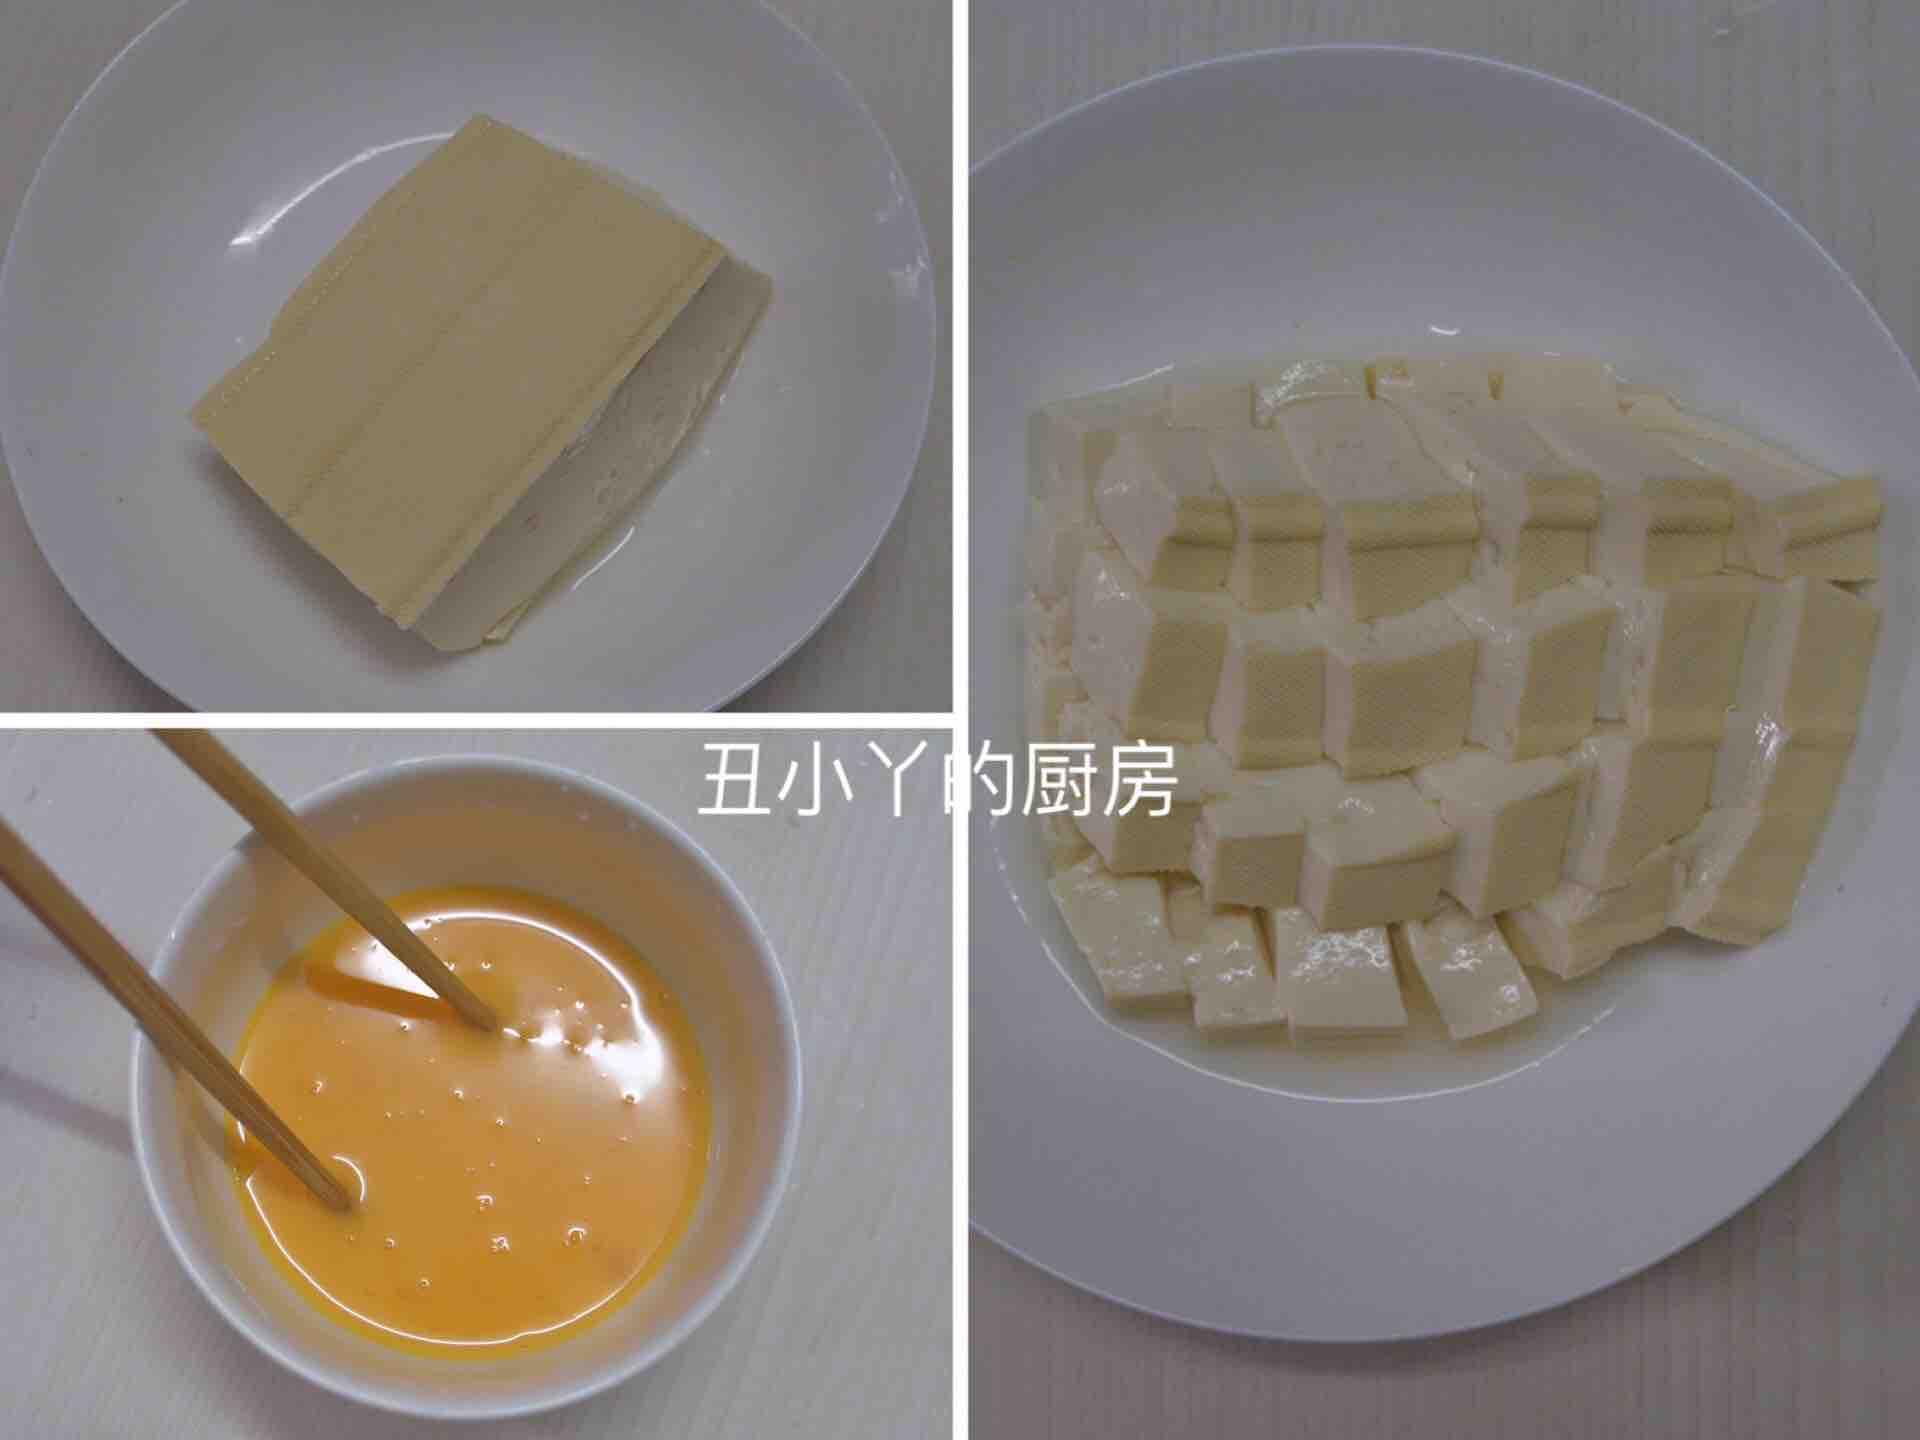 酸爽开胃 番茄豆腐鸡蛋羹的做法大全